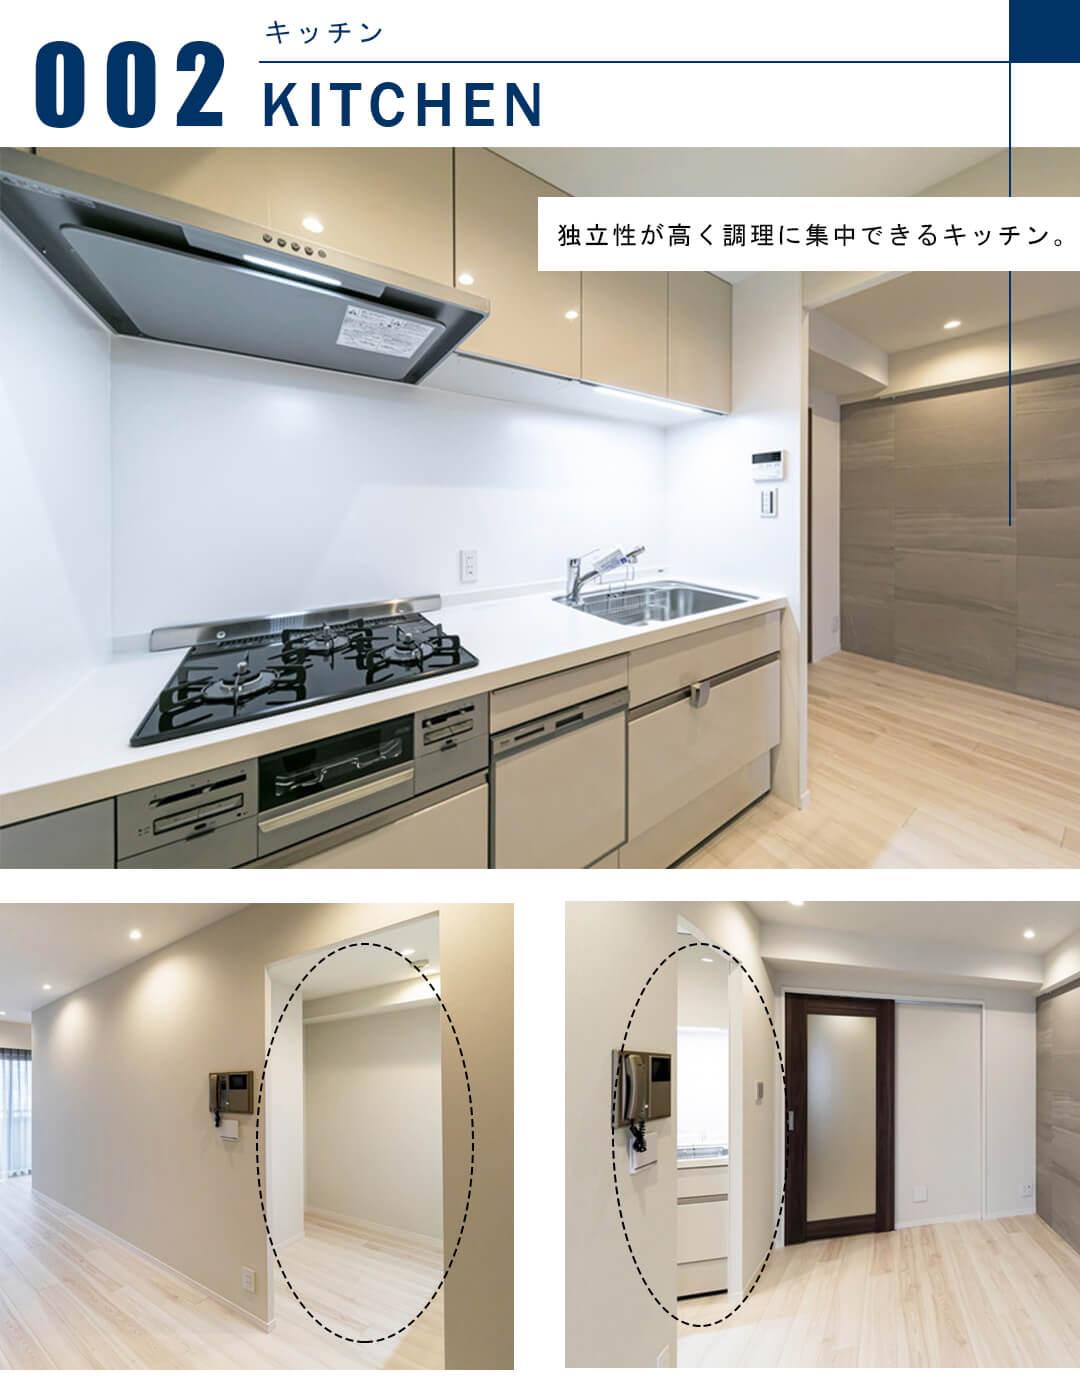 ライオンズマンション御茶ノ水のキッチン